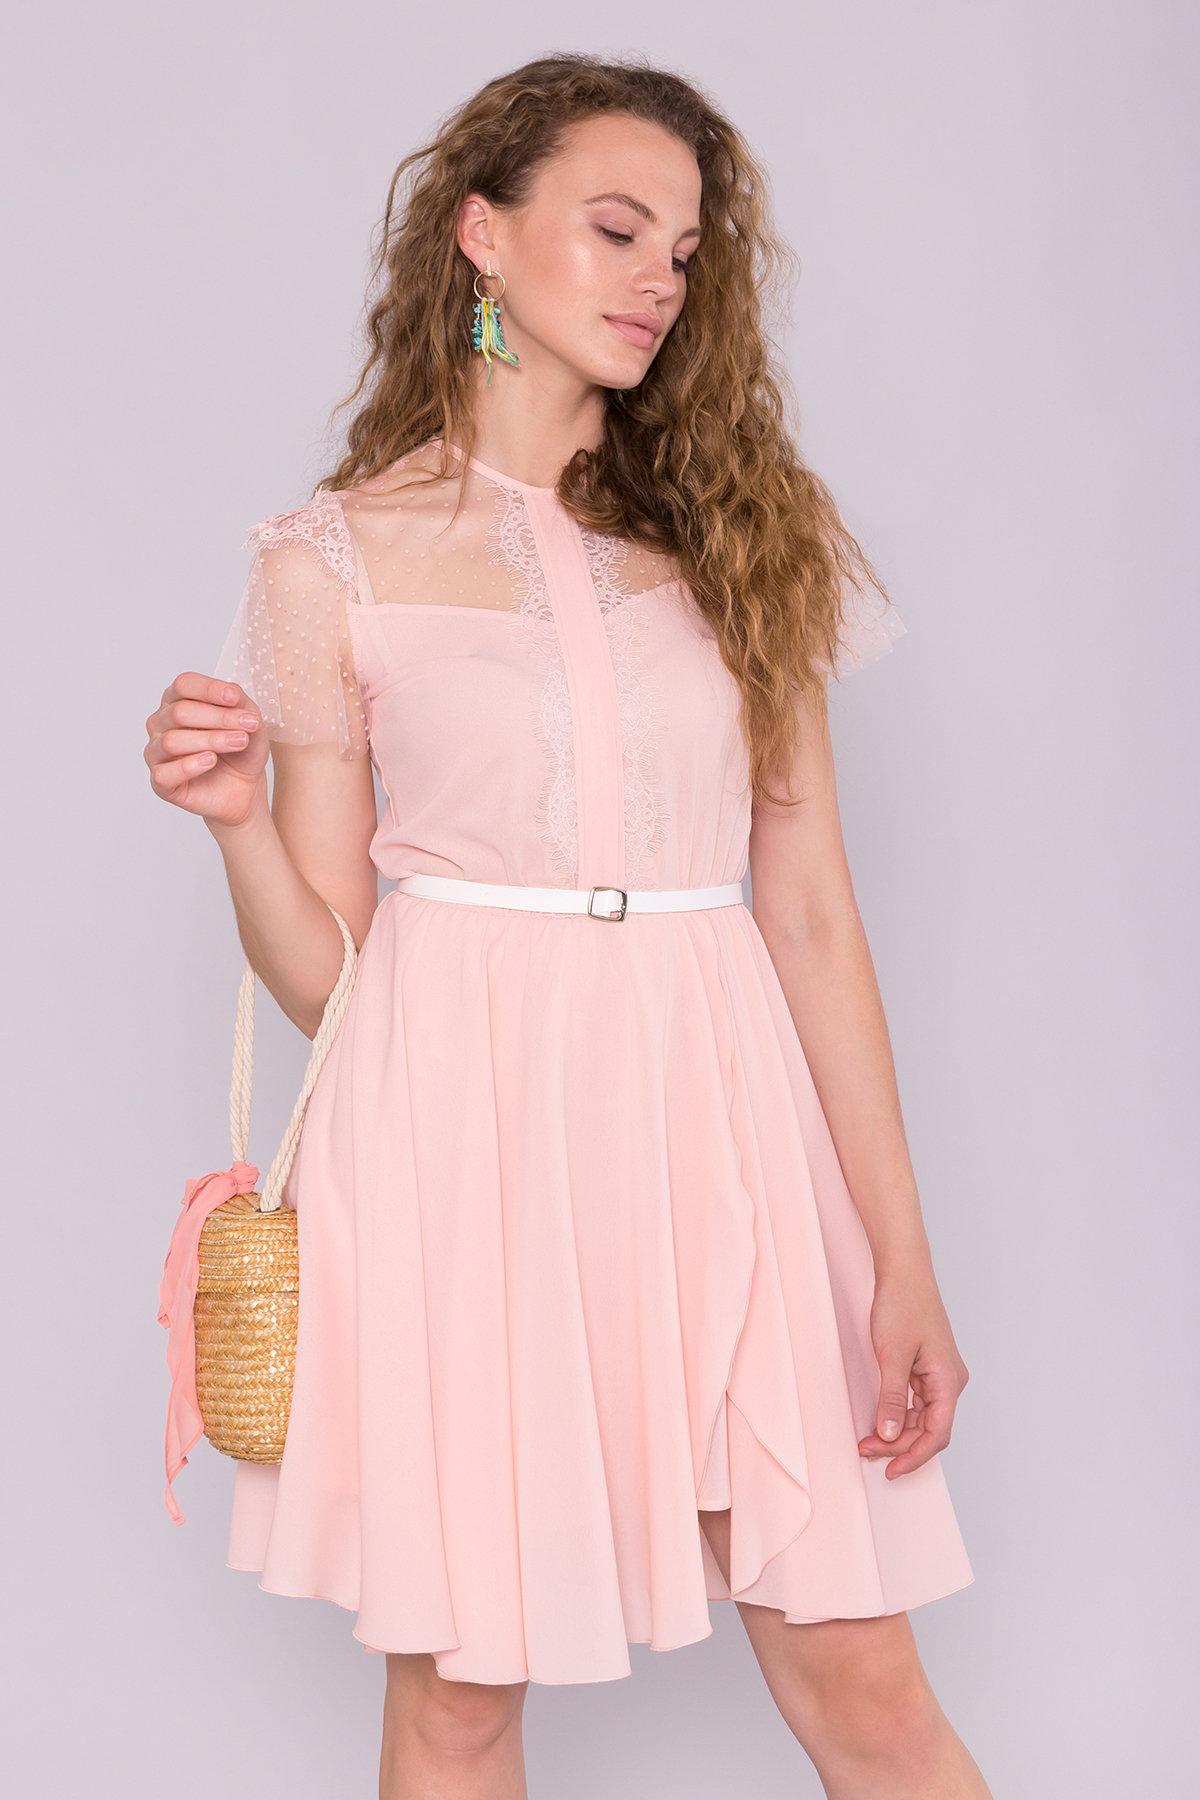 Платье Ламара 7143 АРТ. 42782 Цвет: Пудра светлая 17 - фото 3, интернет магазин tm-modus.ru